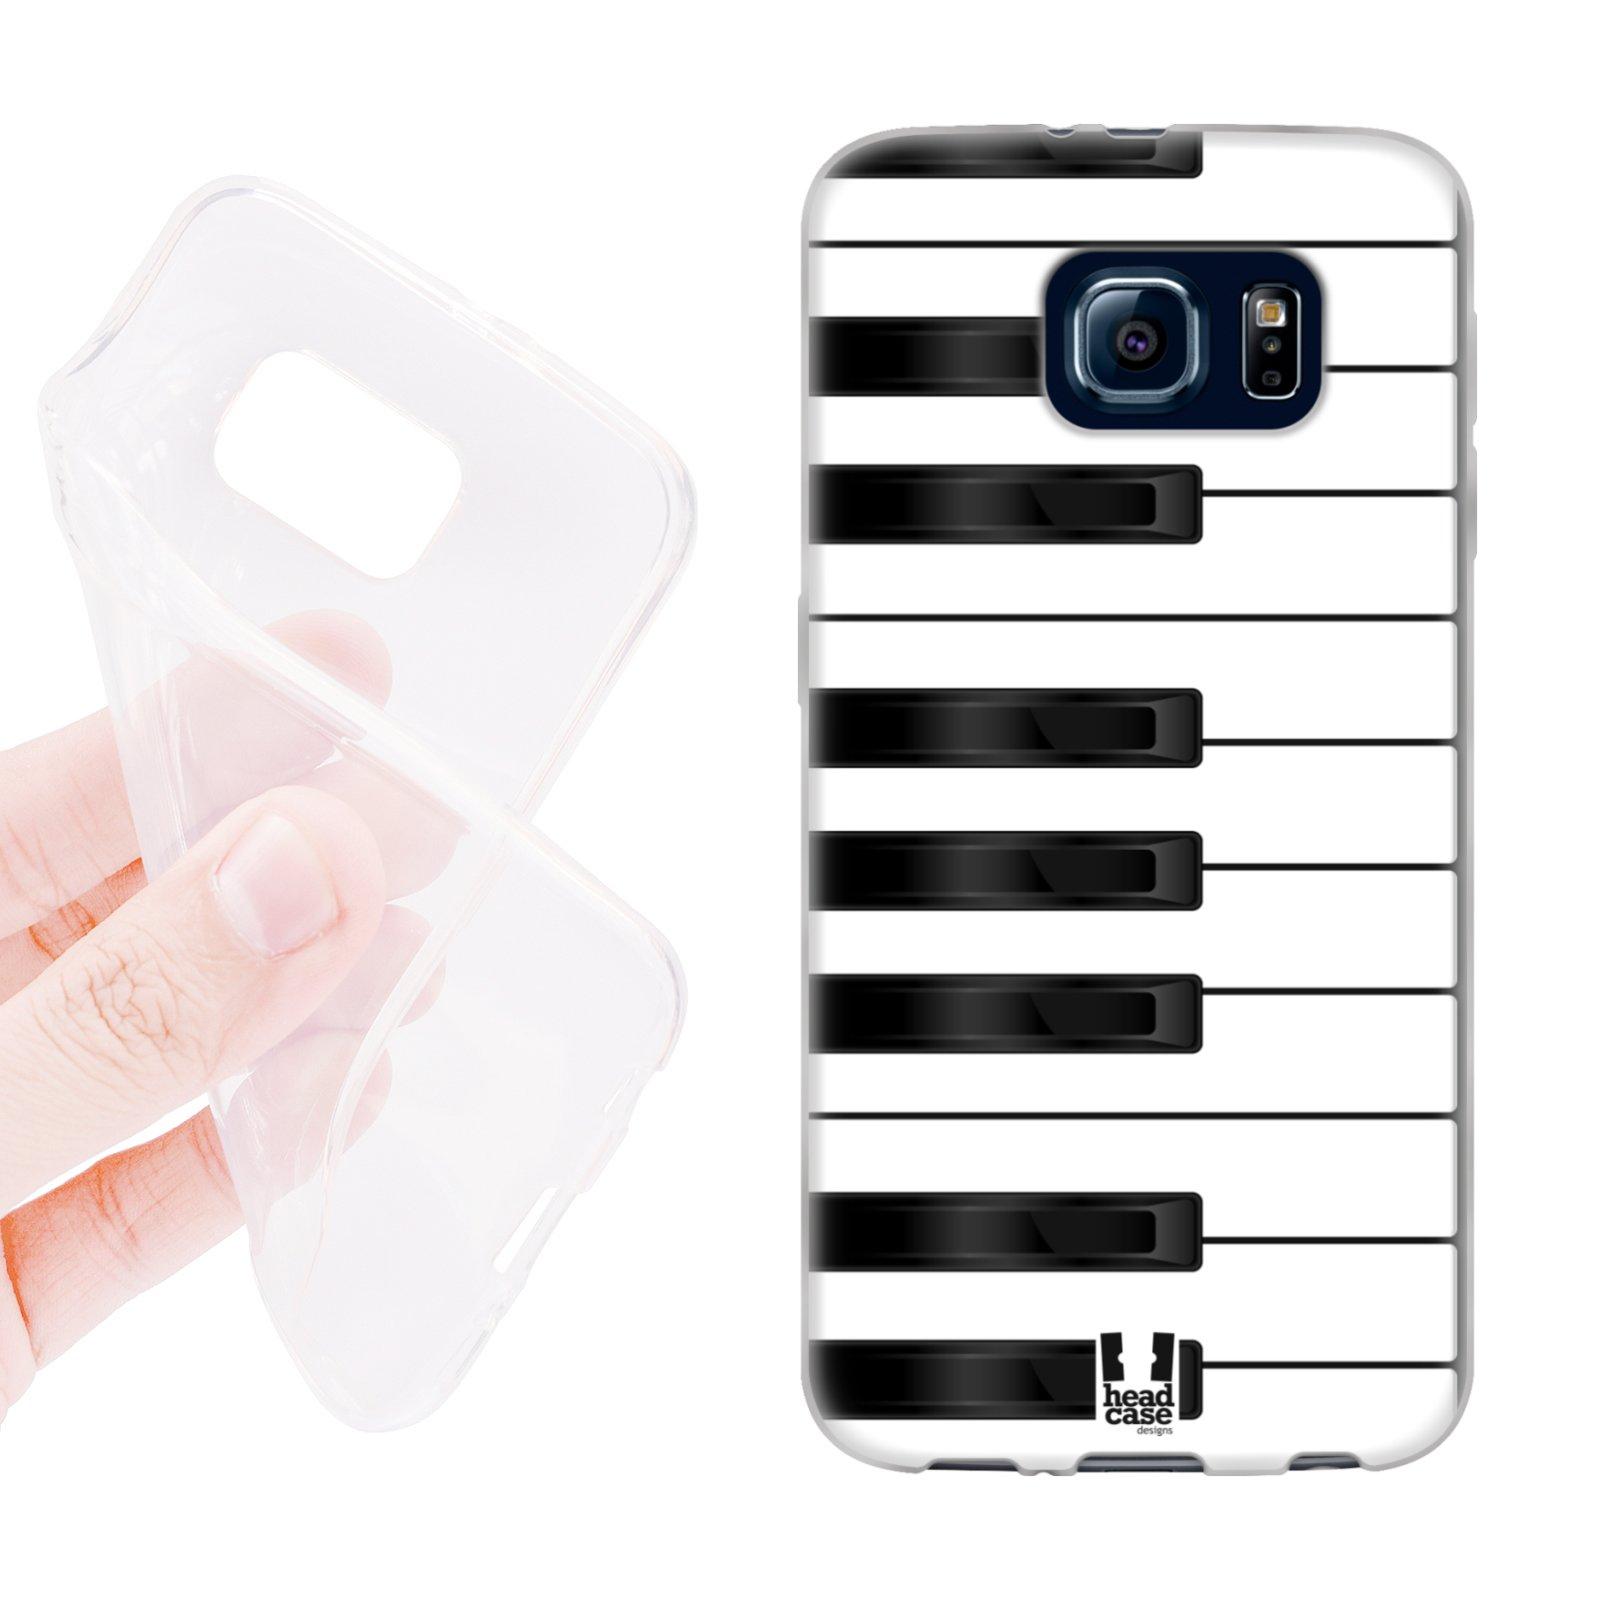 HEAD CASE silikonový obal na mobil Samsung galaxy S6 piáno bílá a černá